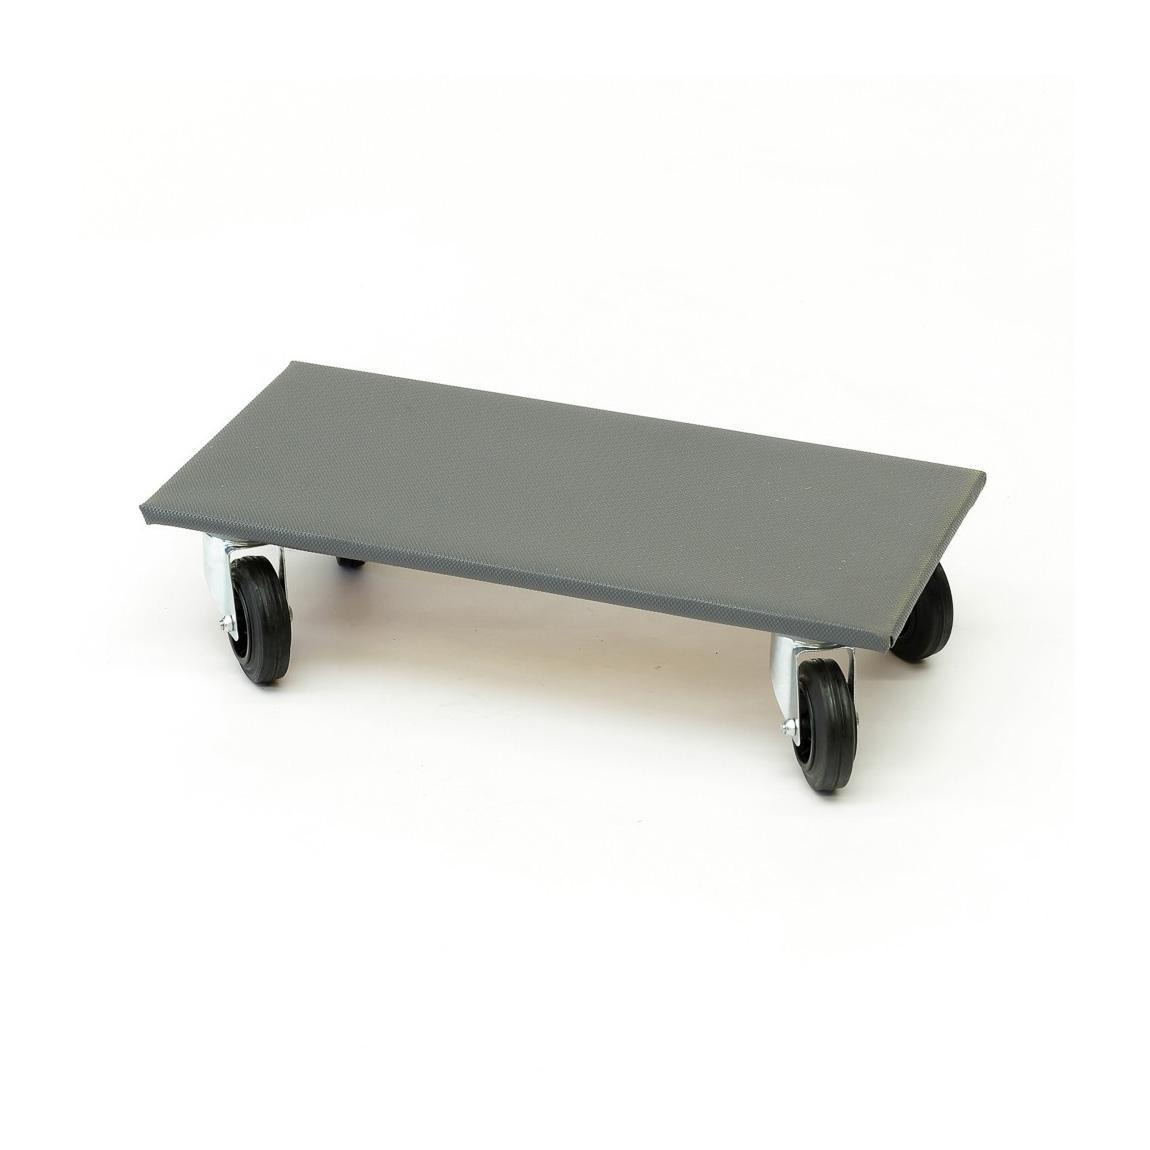 Bekend Meubelroller kopen bij de specialist | Steekwagen-verkoper EC25